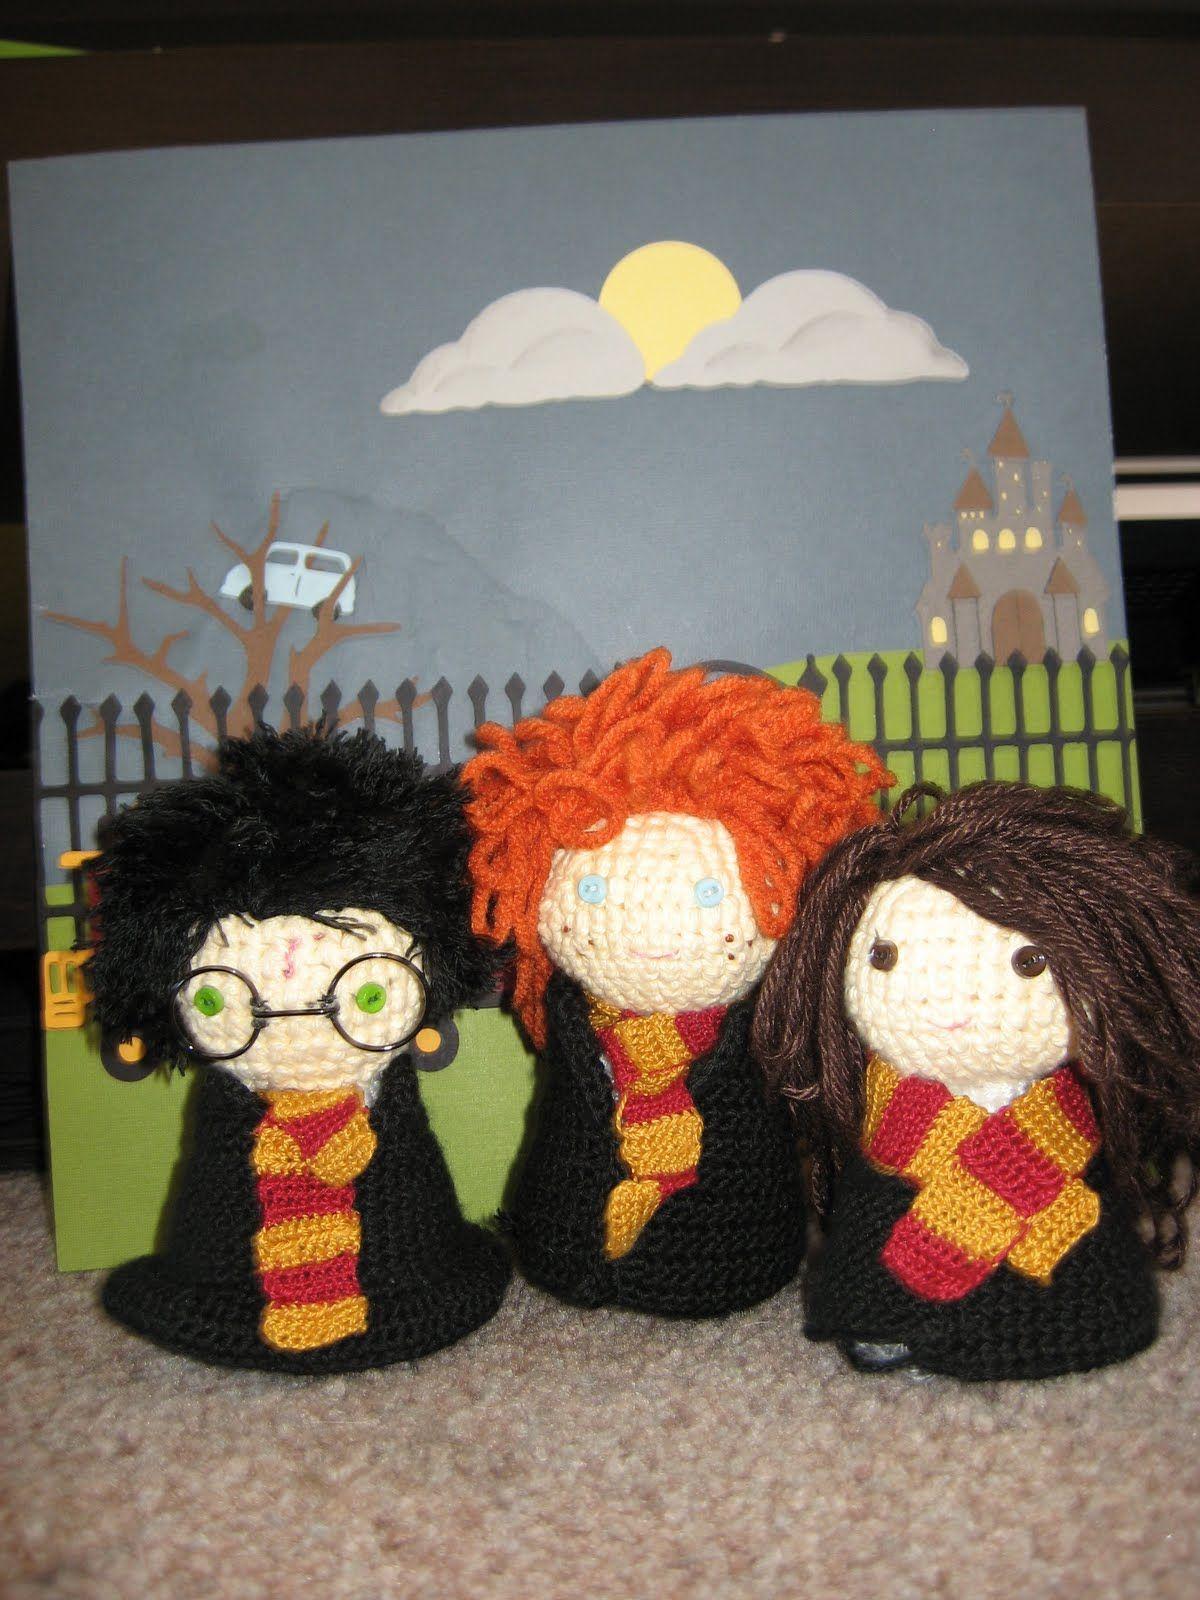 Ragdoll Harry Potter Free Crochet Pattern • Spin a Yarn Crochet | 1600x1200